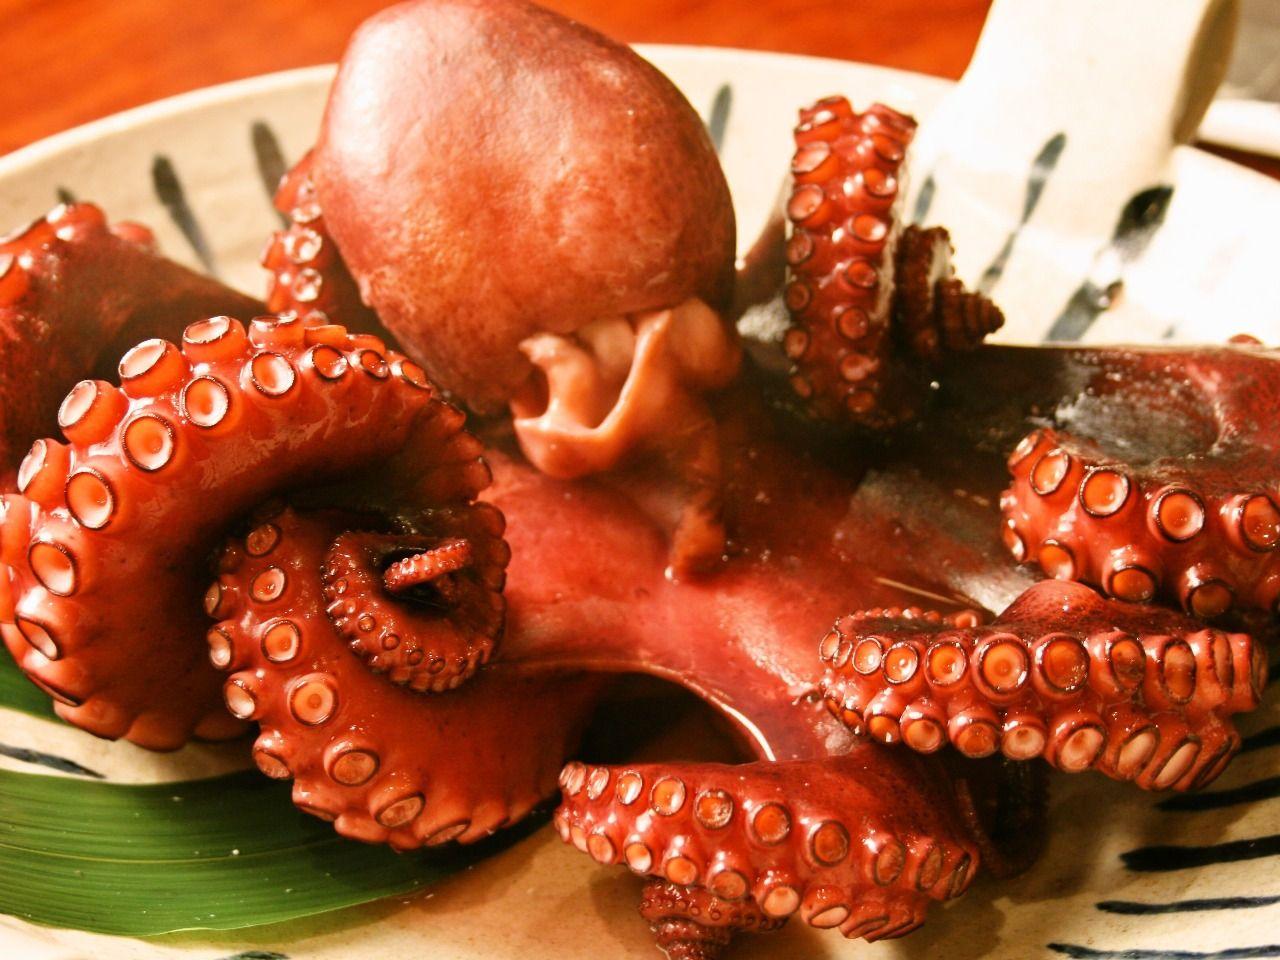 日間賀島グルメを食べつくし!通年人気のタコは必ず食べて!